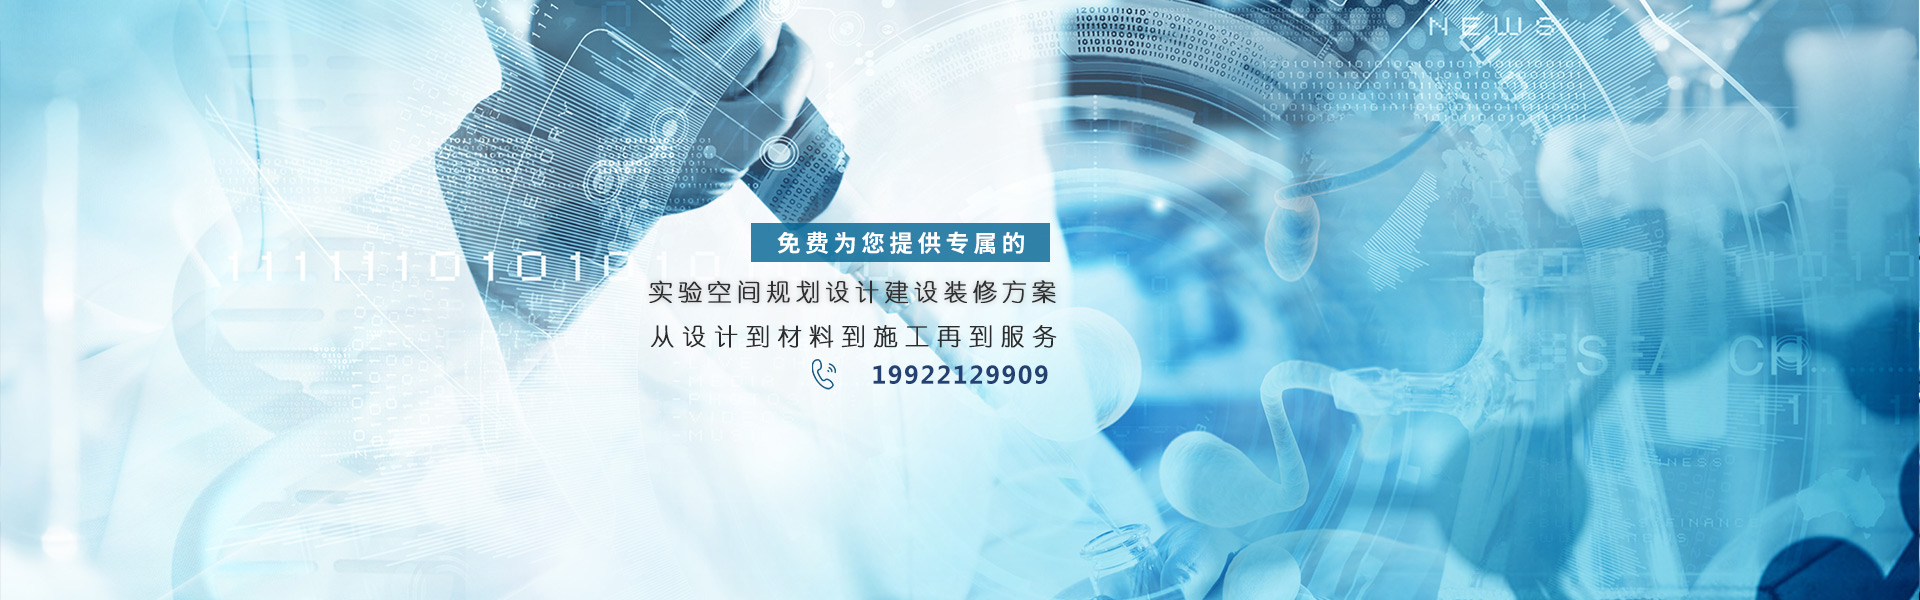 重庆实验雷火电竞平台